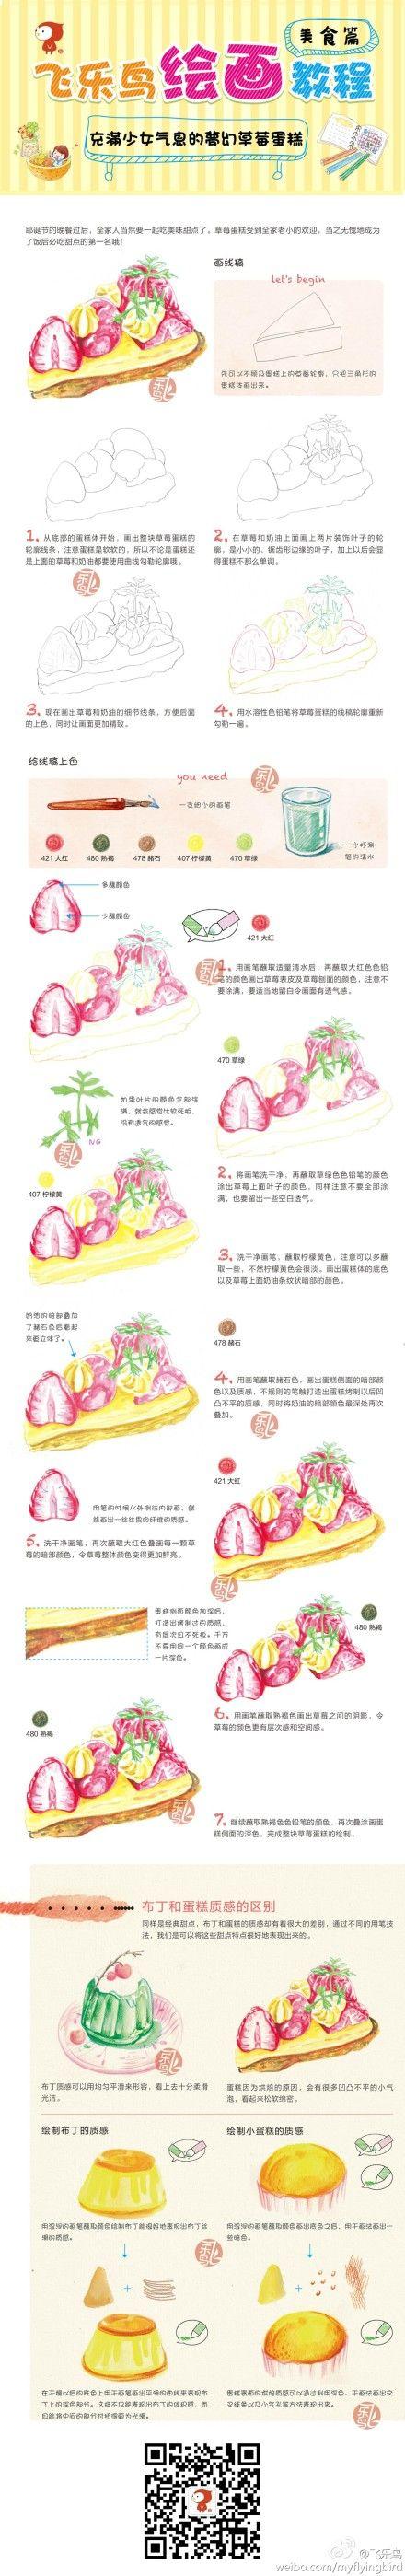 草莓——飞...来自到我碗里-来的图片分享-堆糖